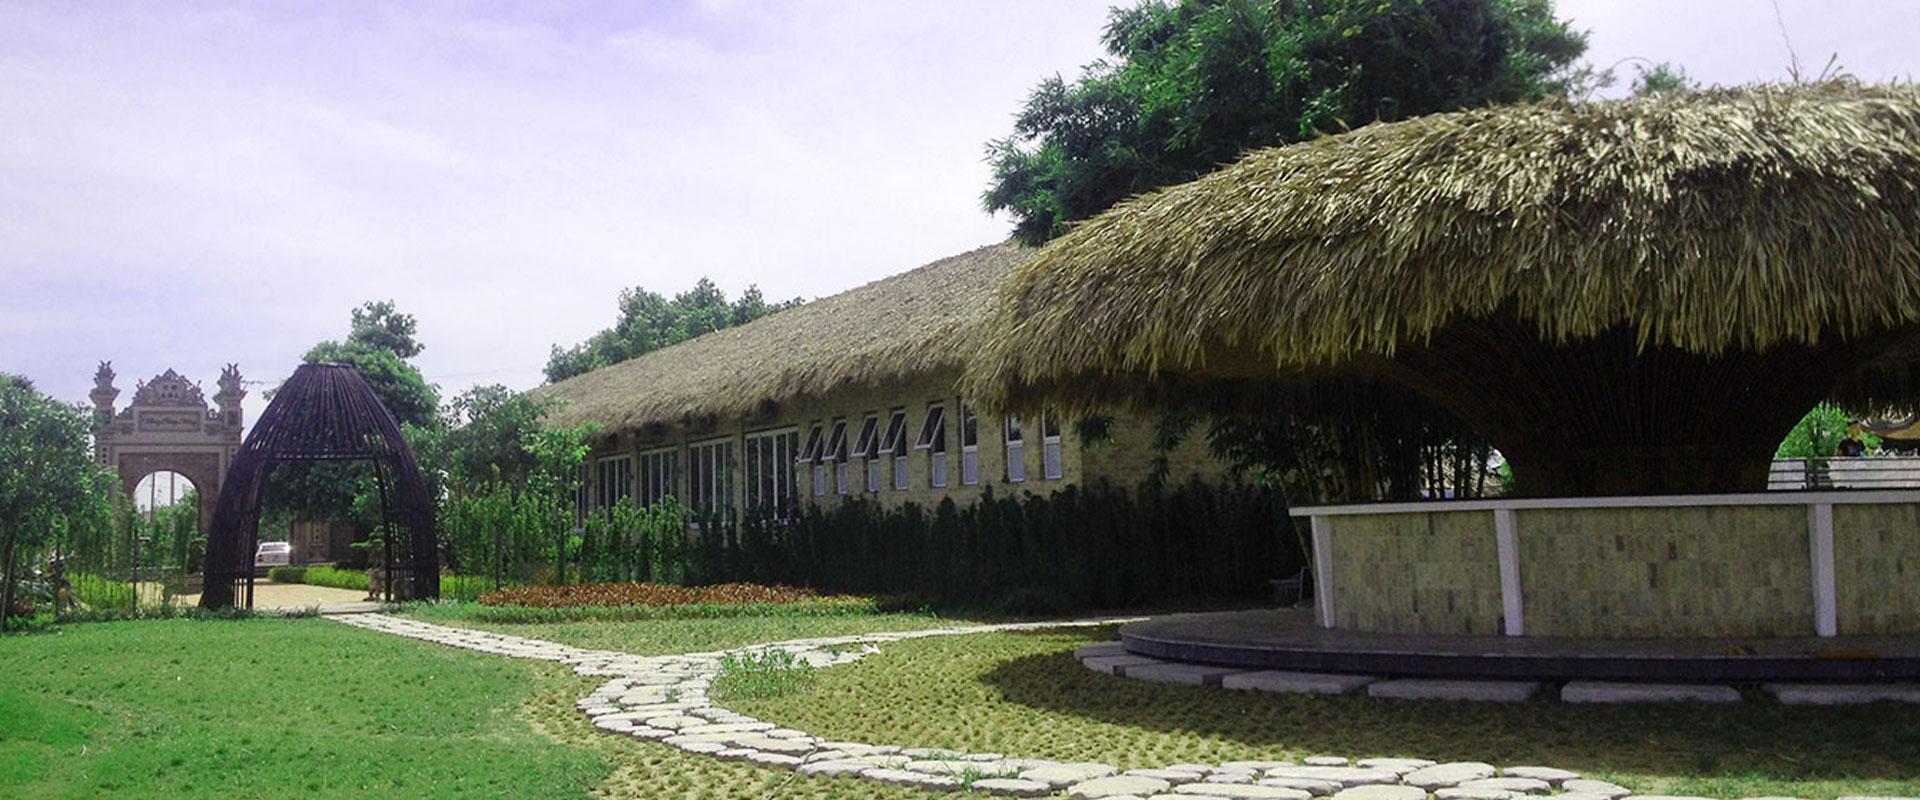 Khu du lịch sinh thái bằng tre trúc